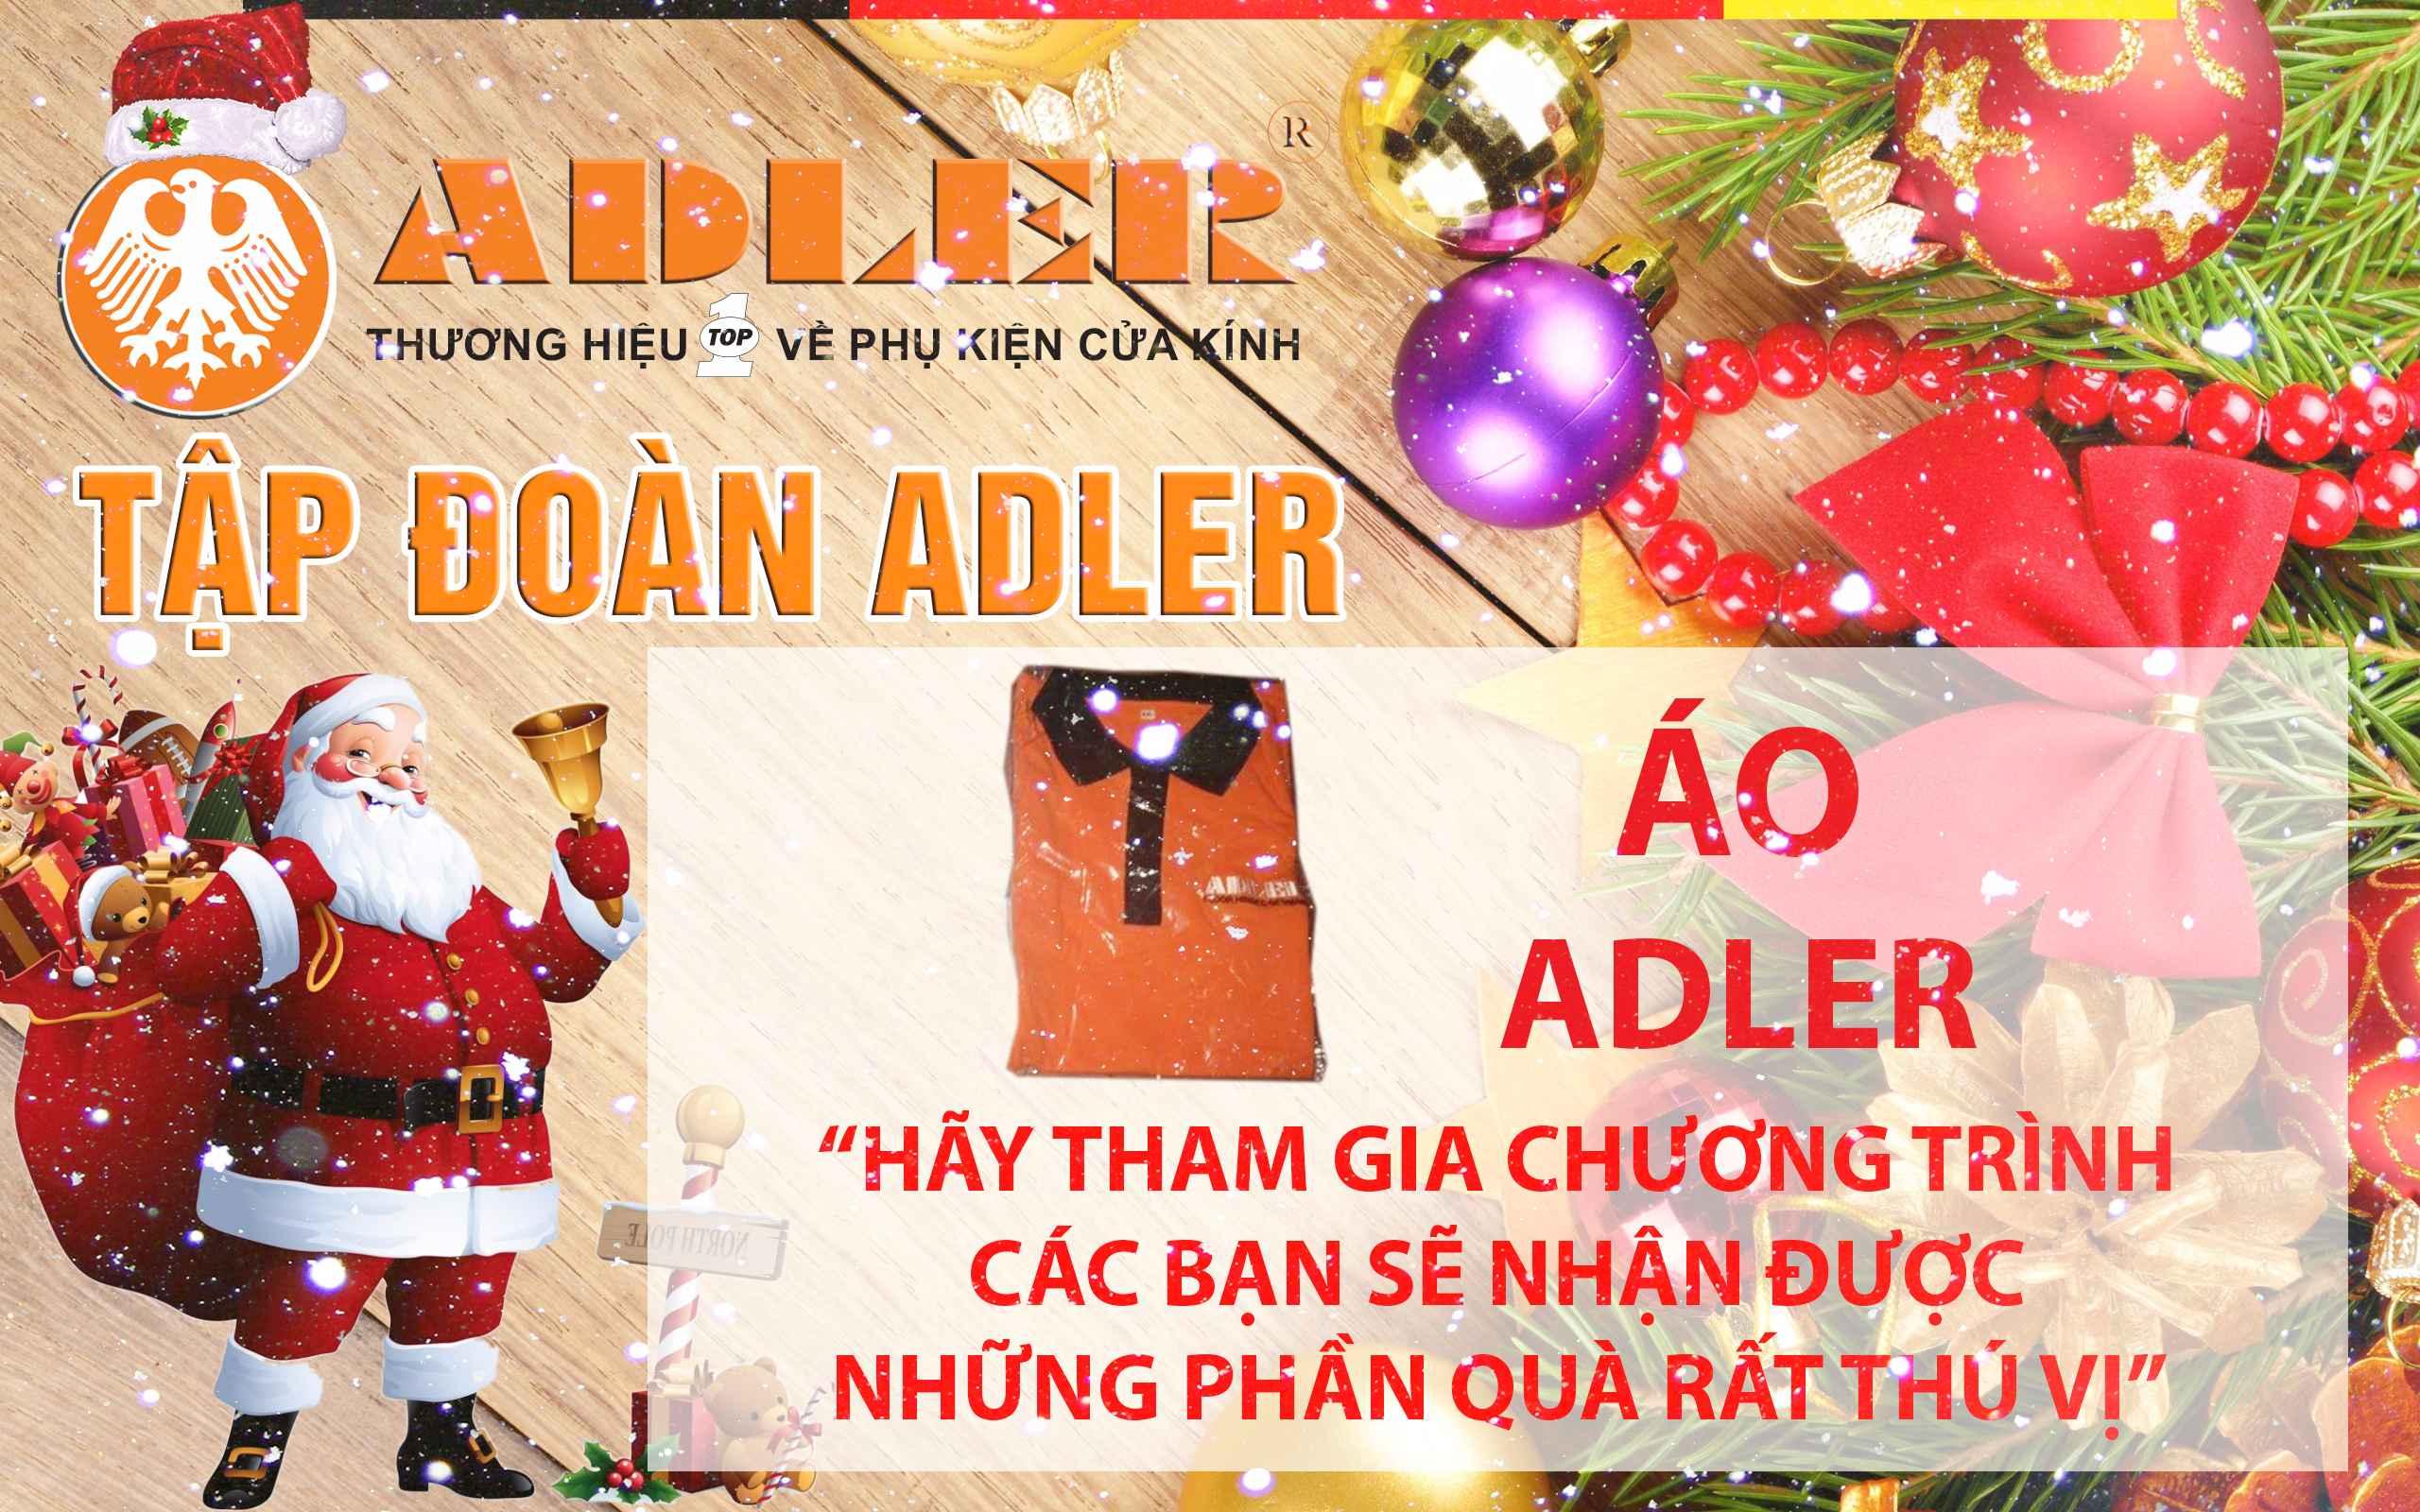 01 Áo Adler